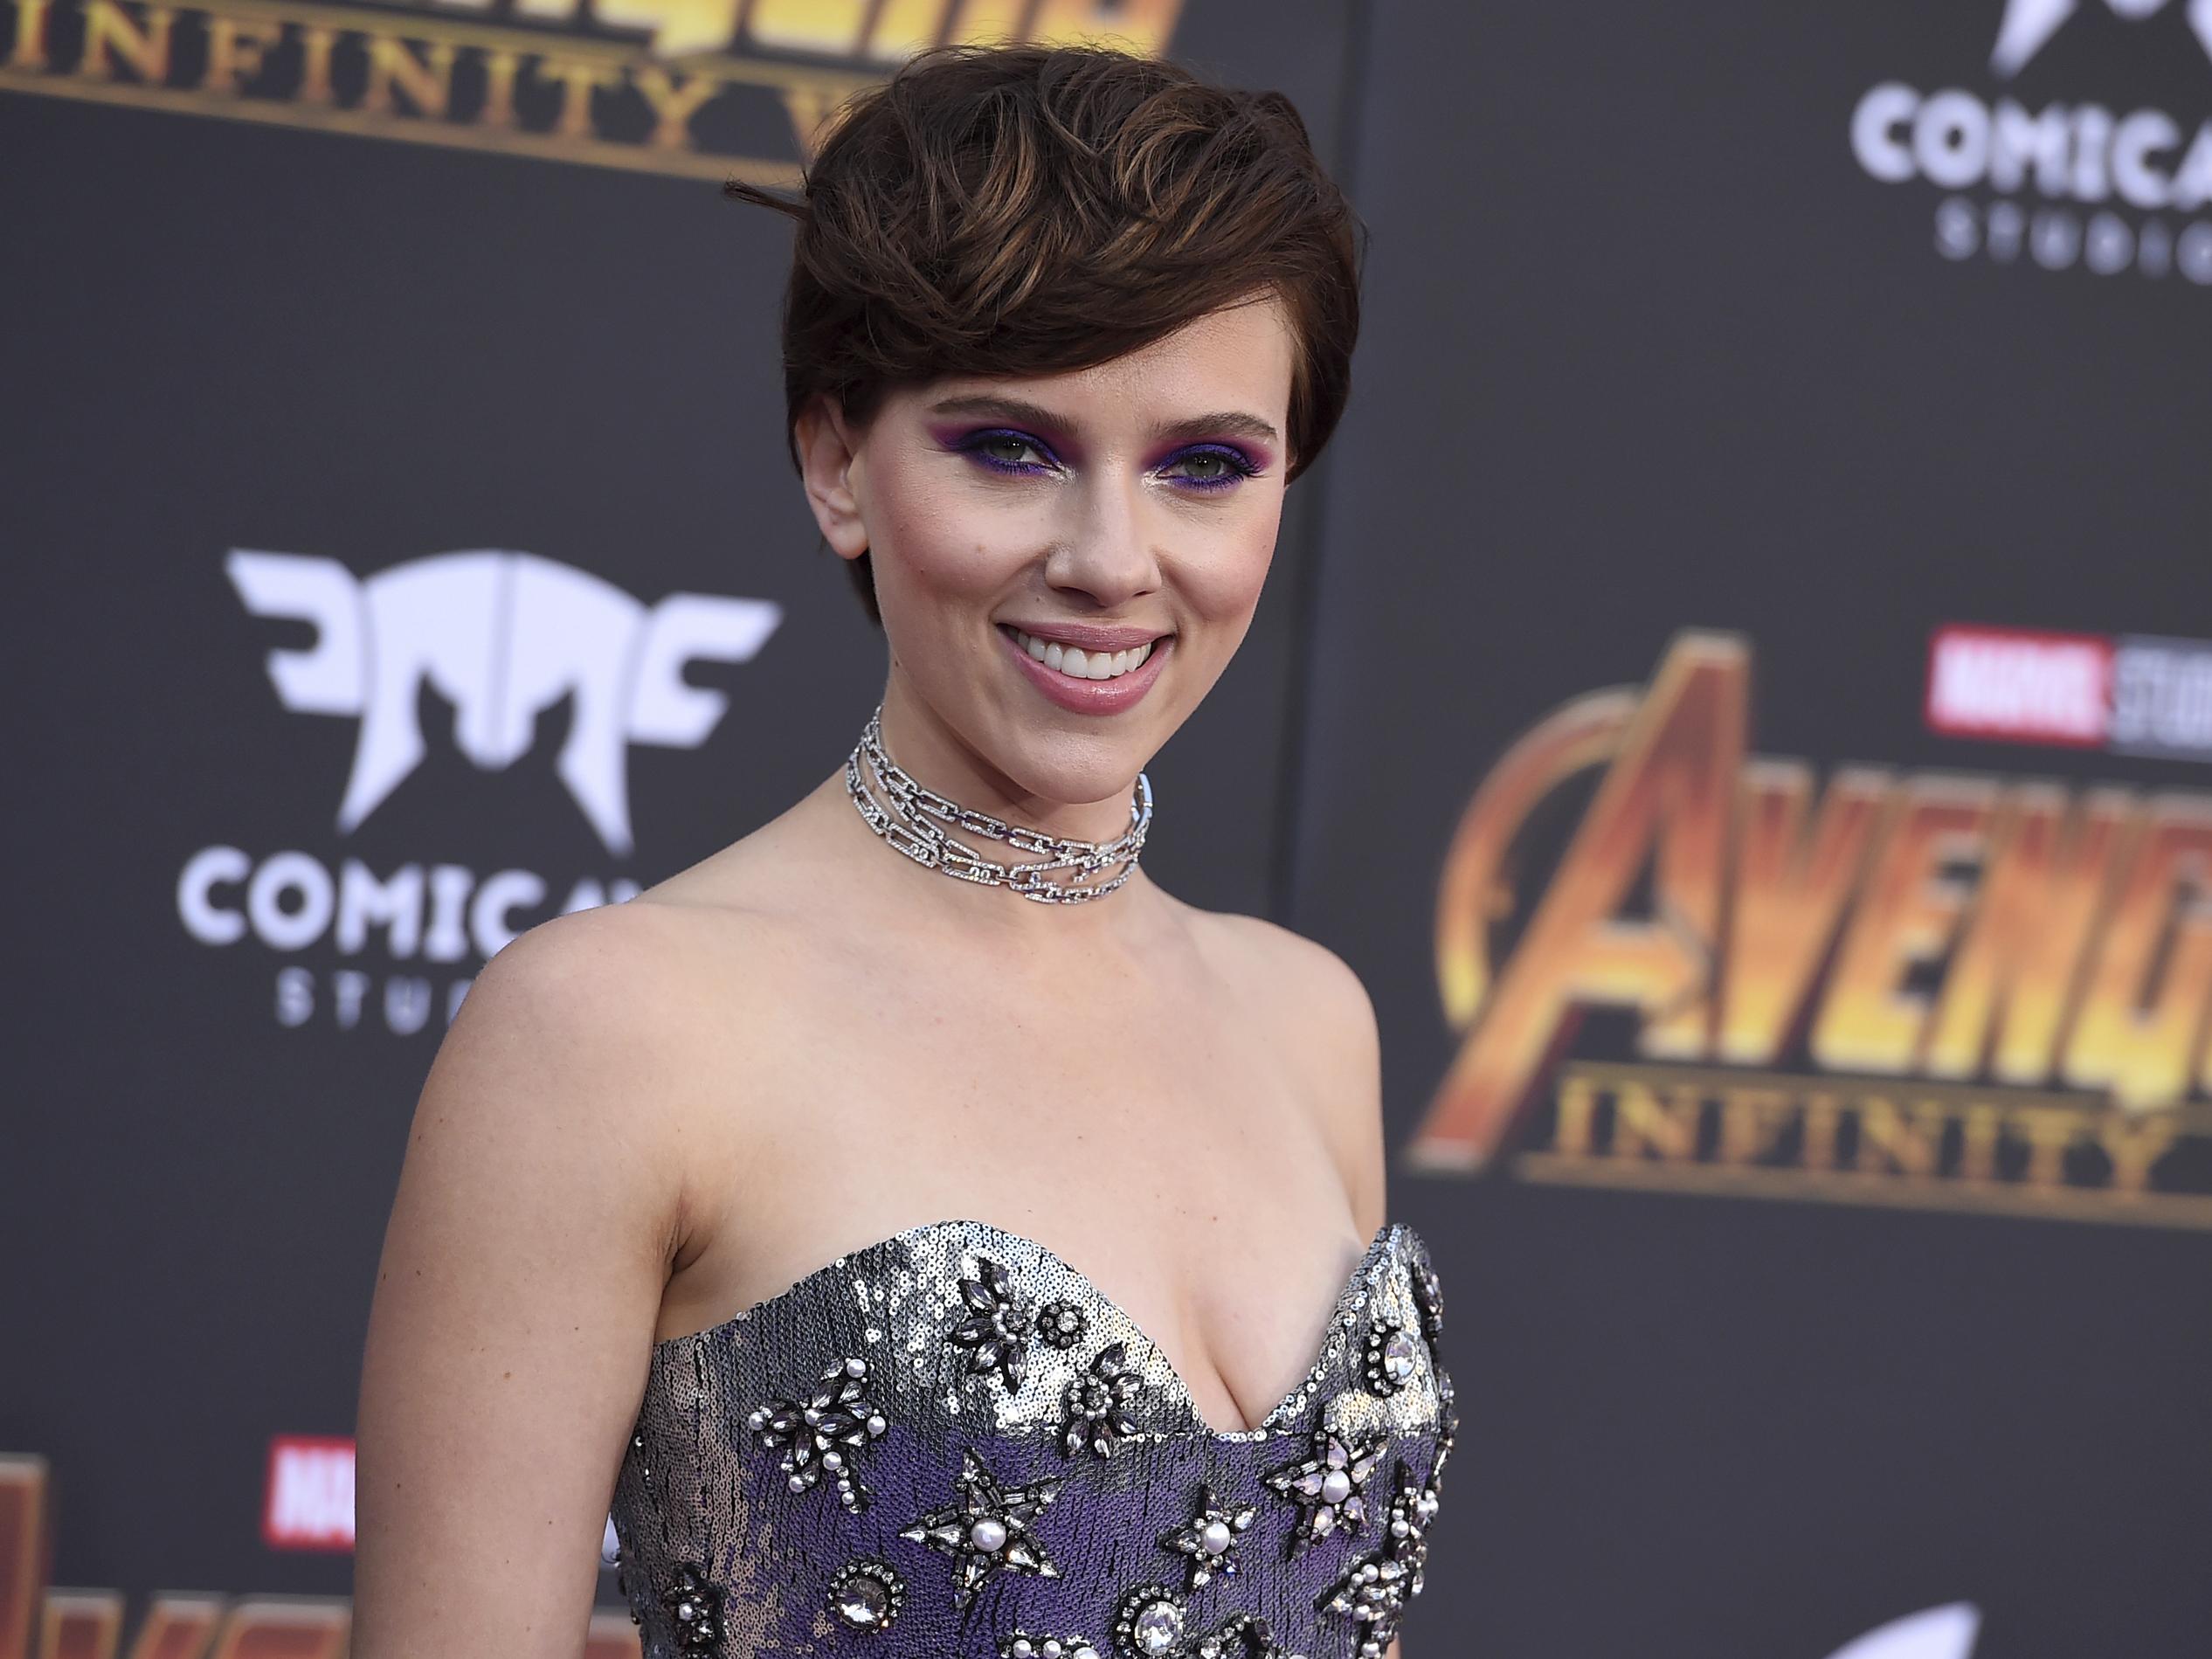 Amid Backlash Scarlett Johansson Drops Transgender Role Npr